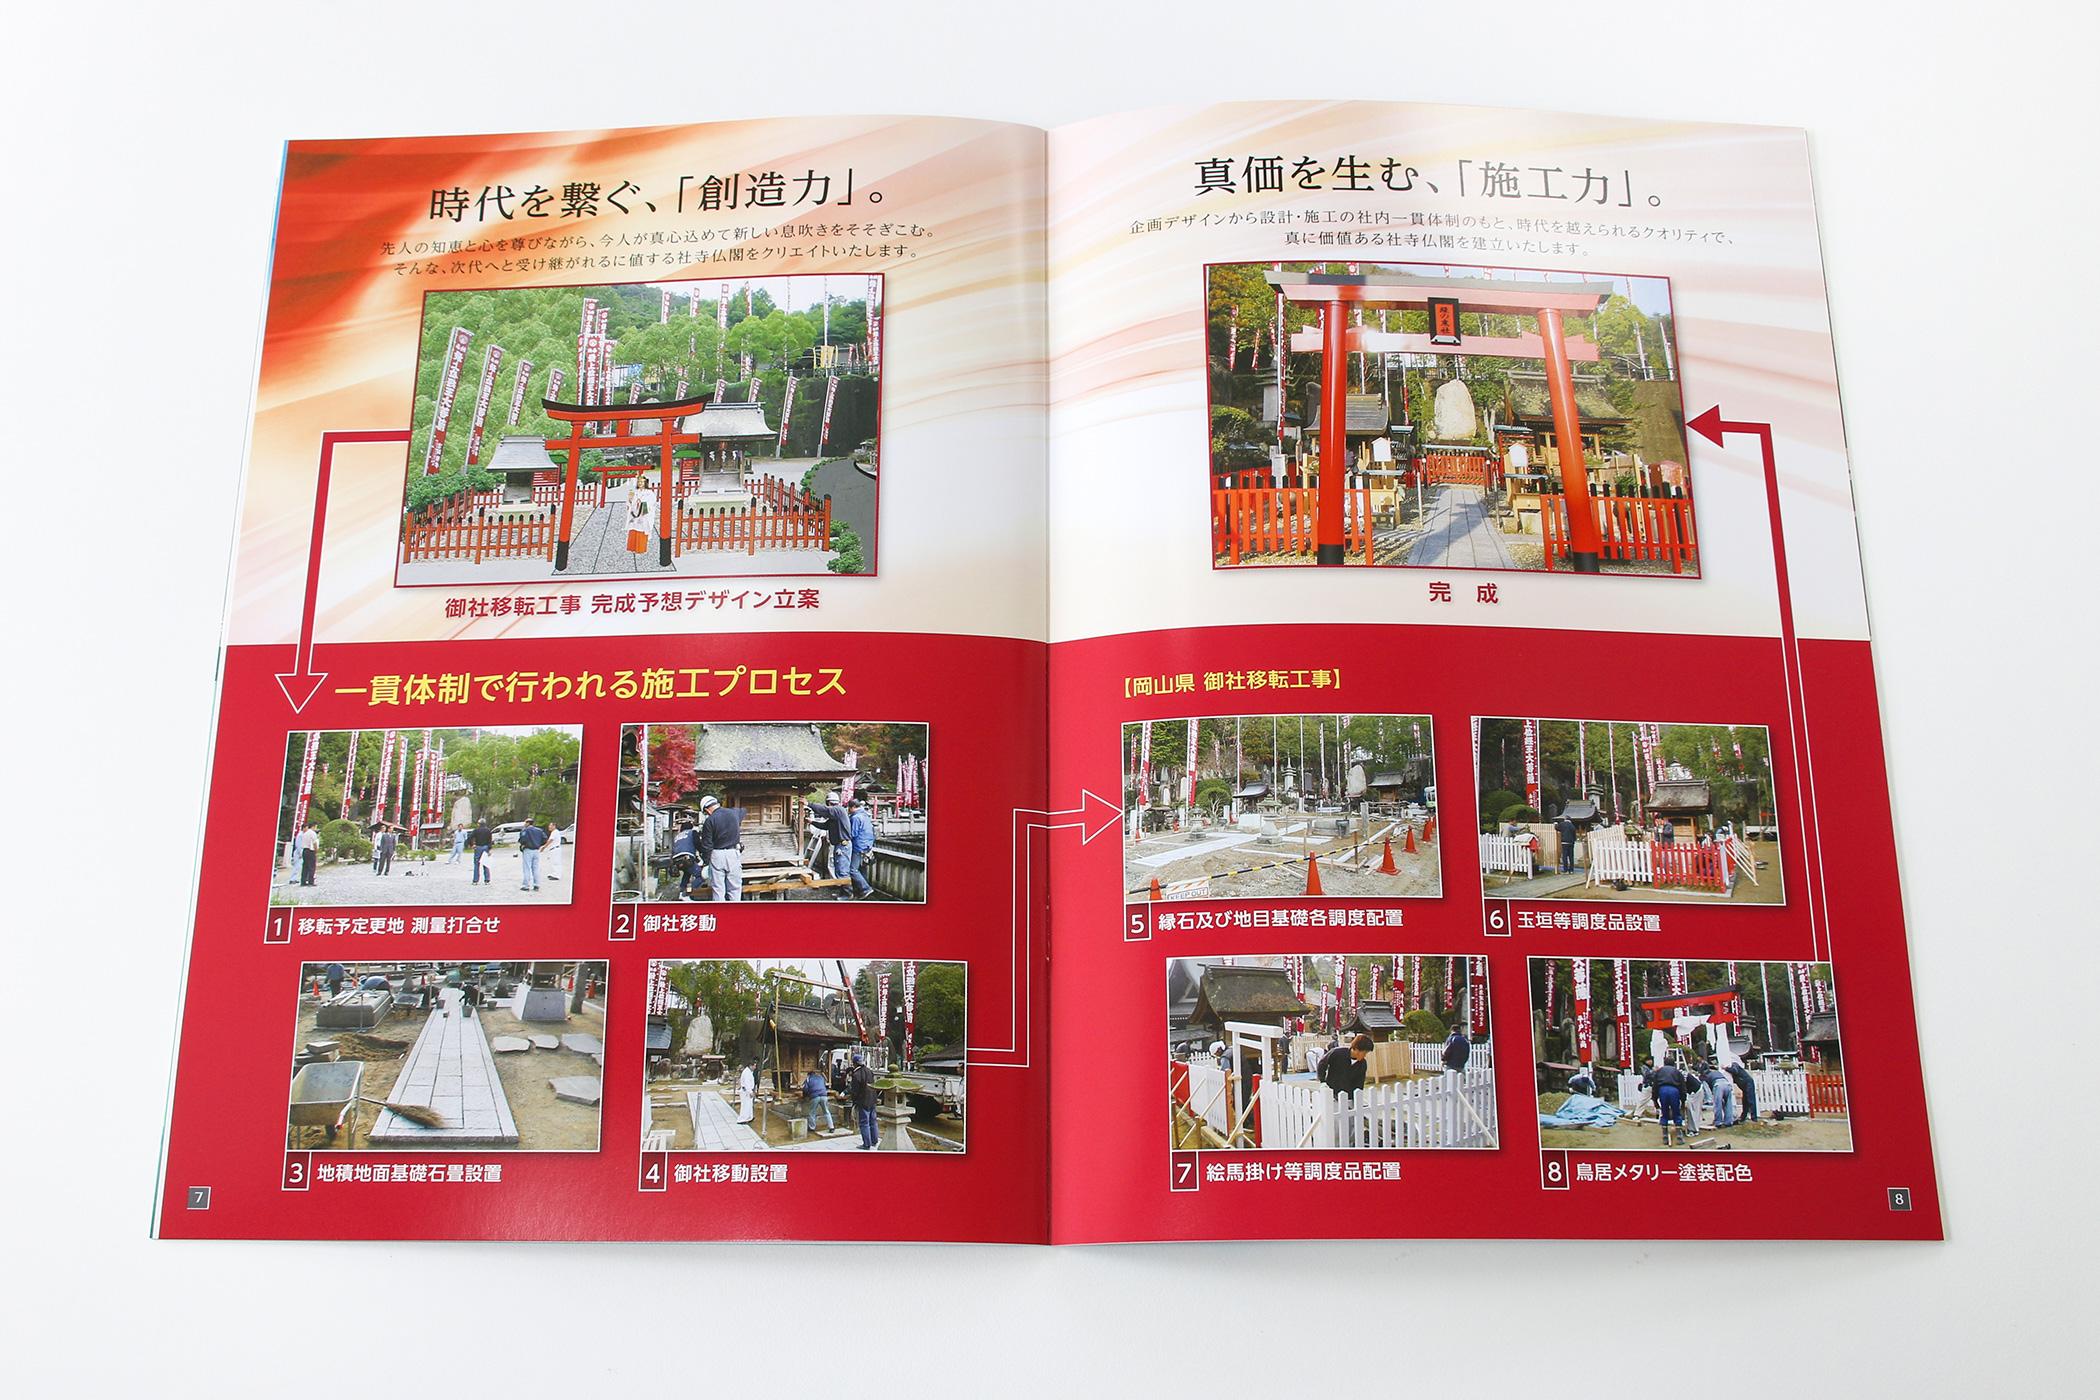 東和クリエイトジャパン株式会社-会社案内-一貫体制の施工プロセス